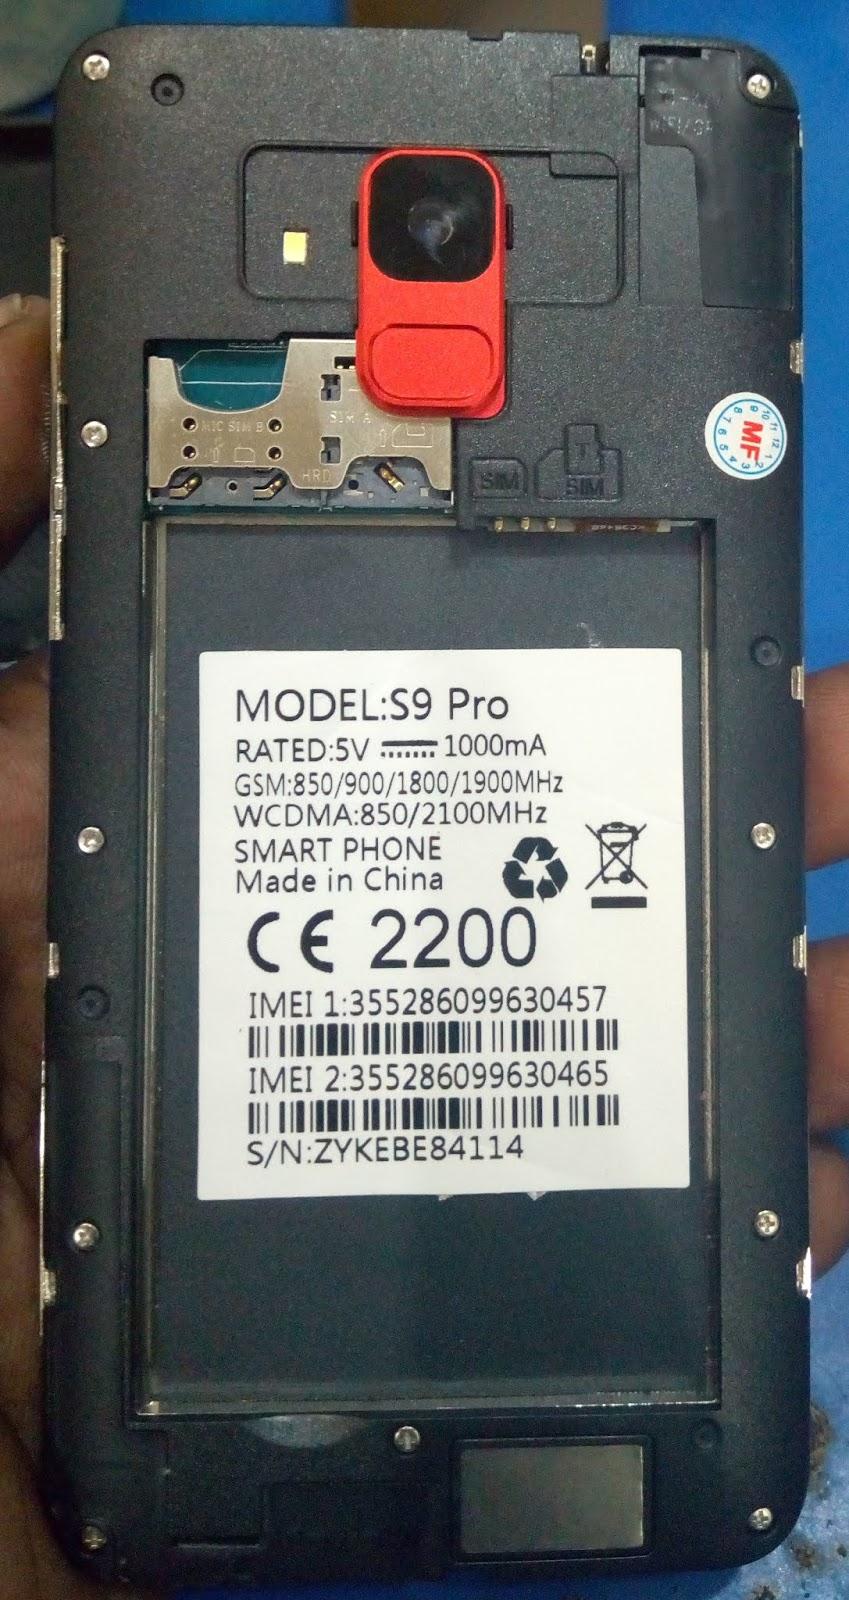 Oppo Clone S9 Pro Flash File